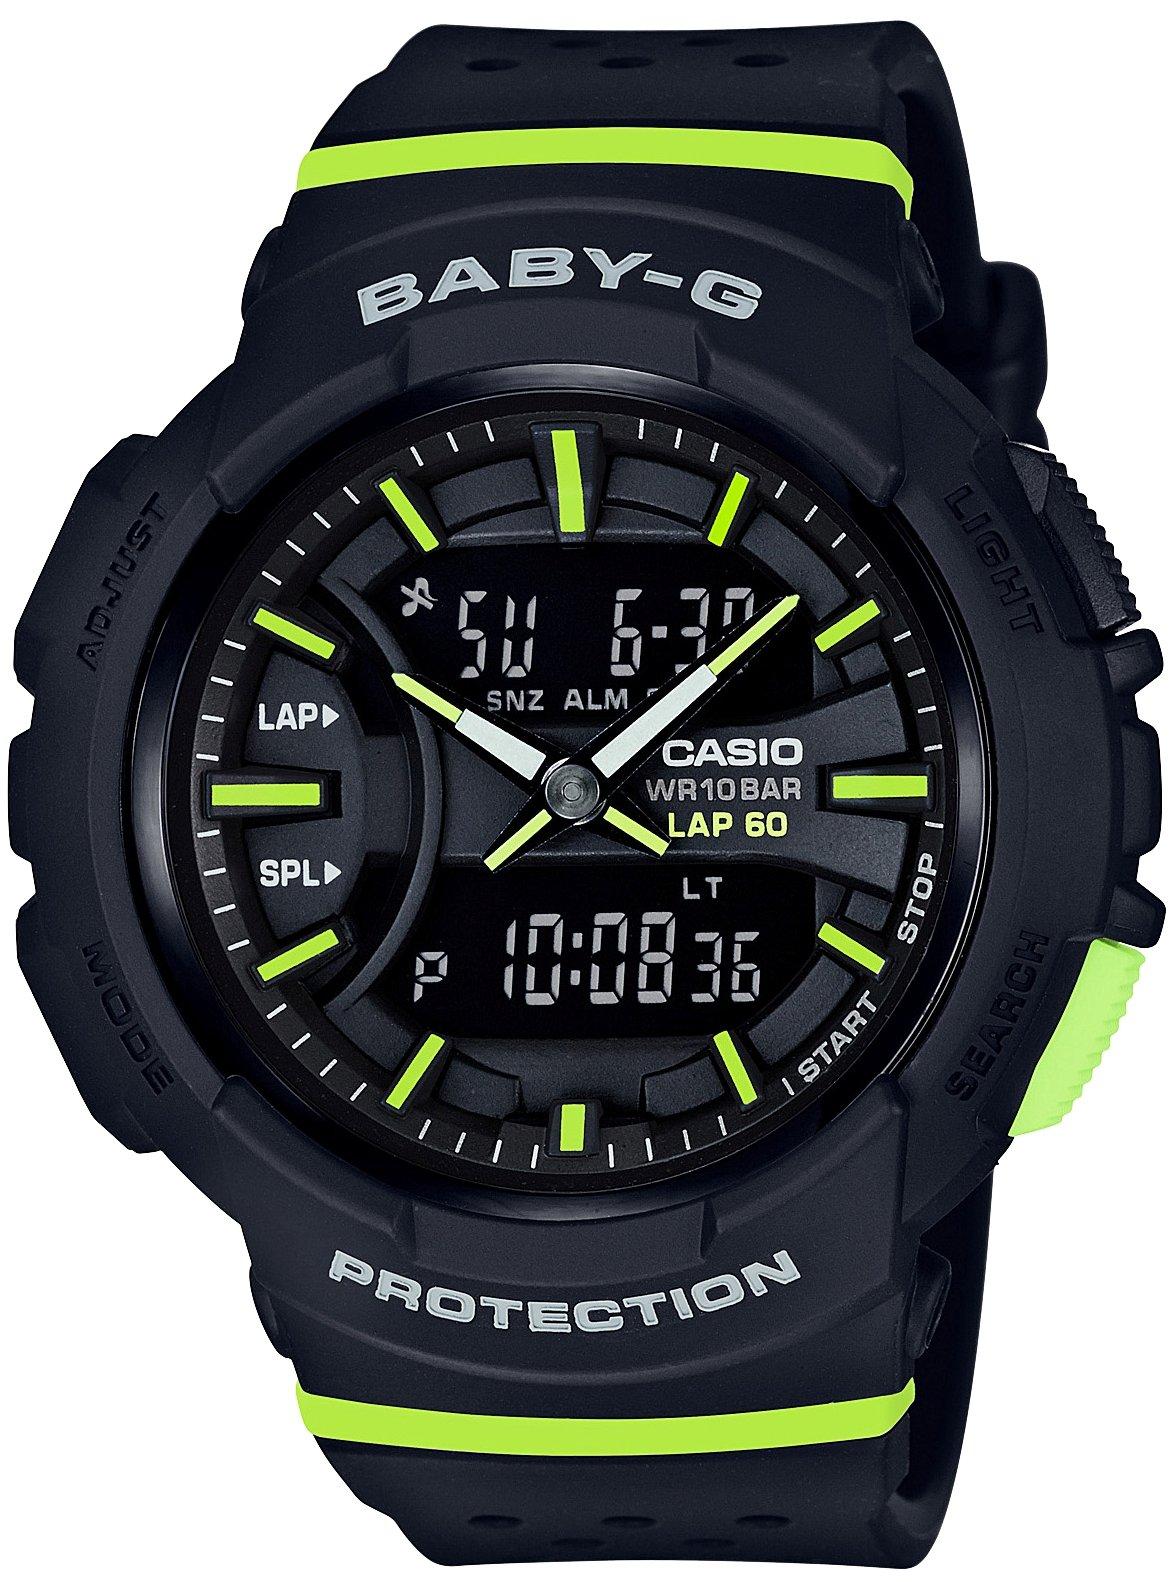 CASIO BABY-G for Running BGA-240-1A2JF Womens